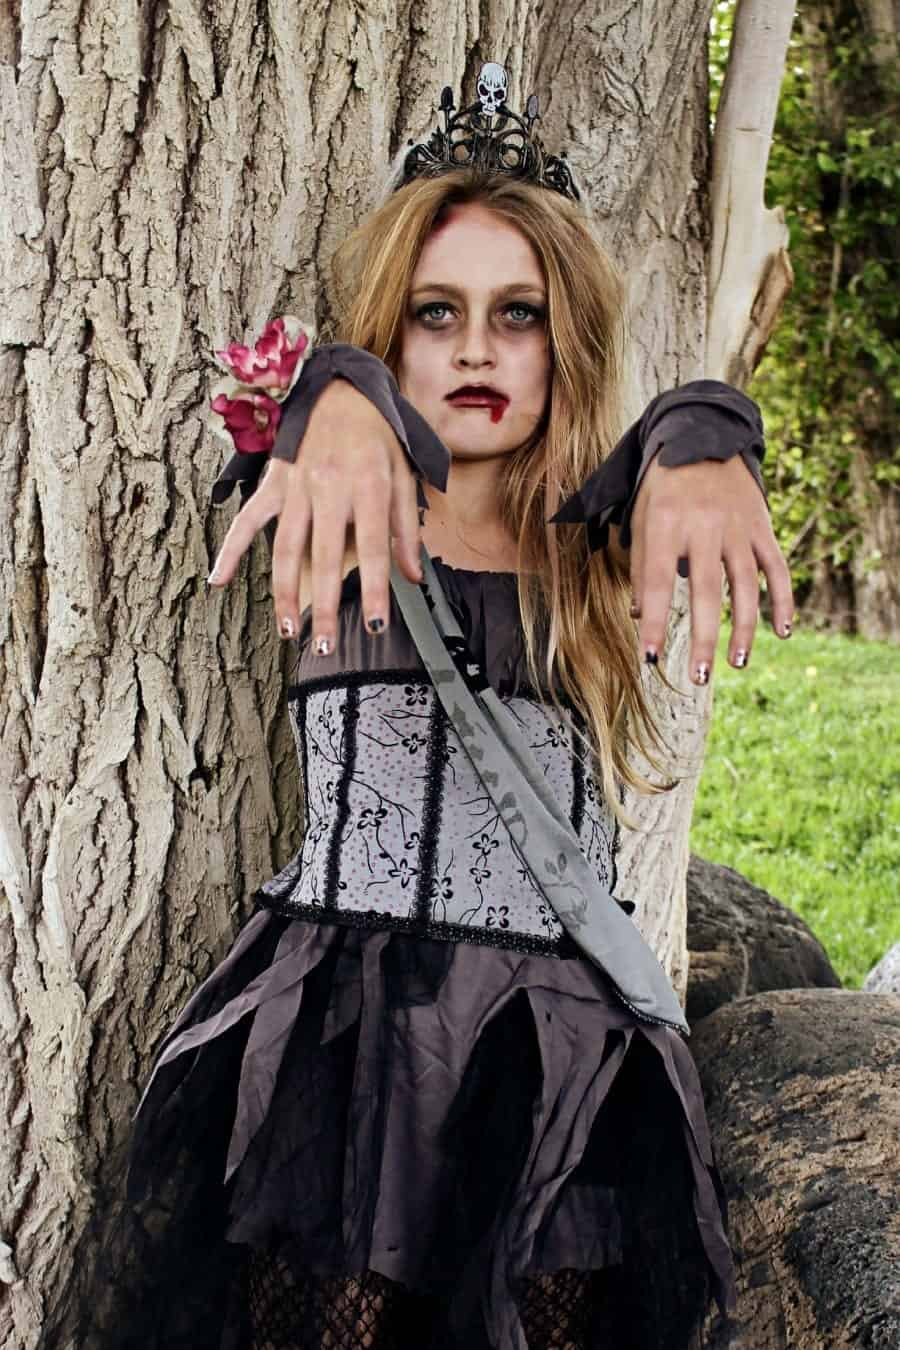 dead prom girl